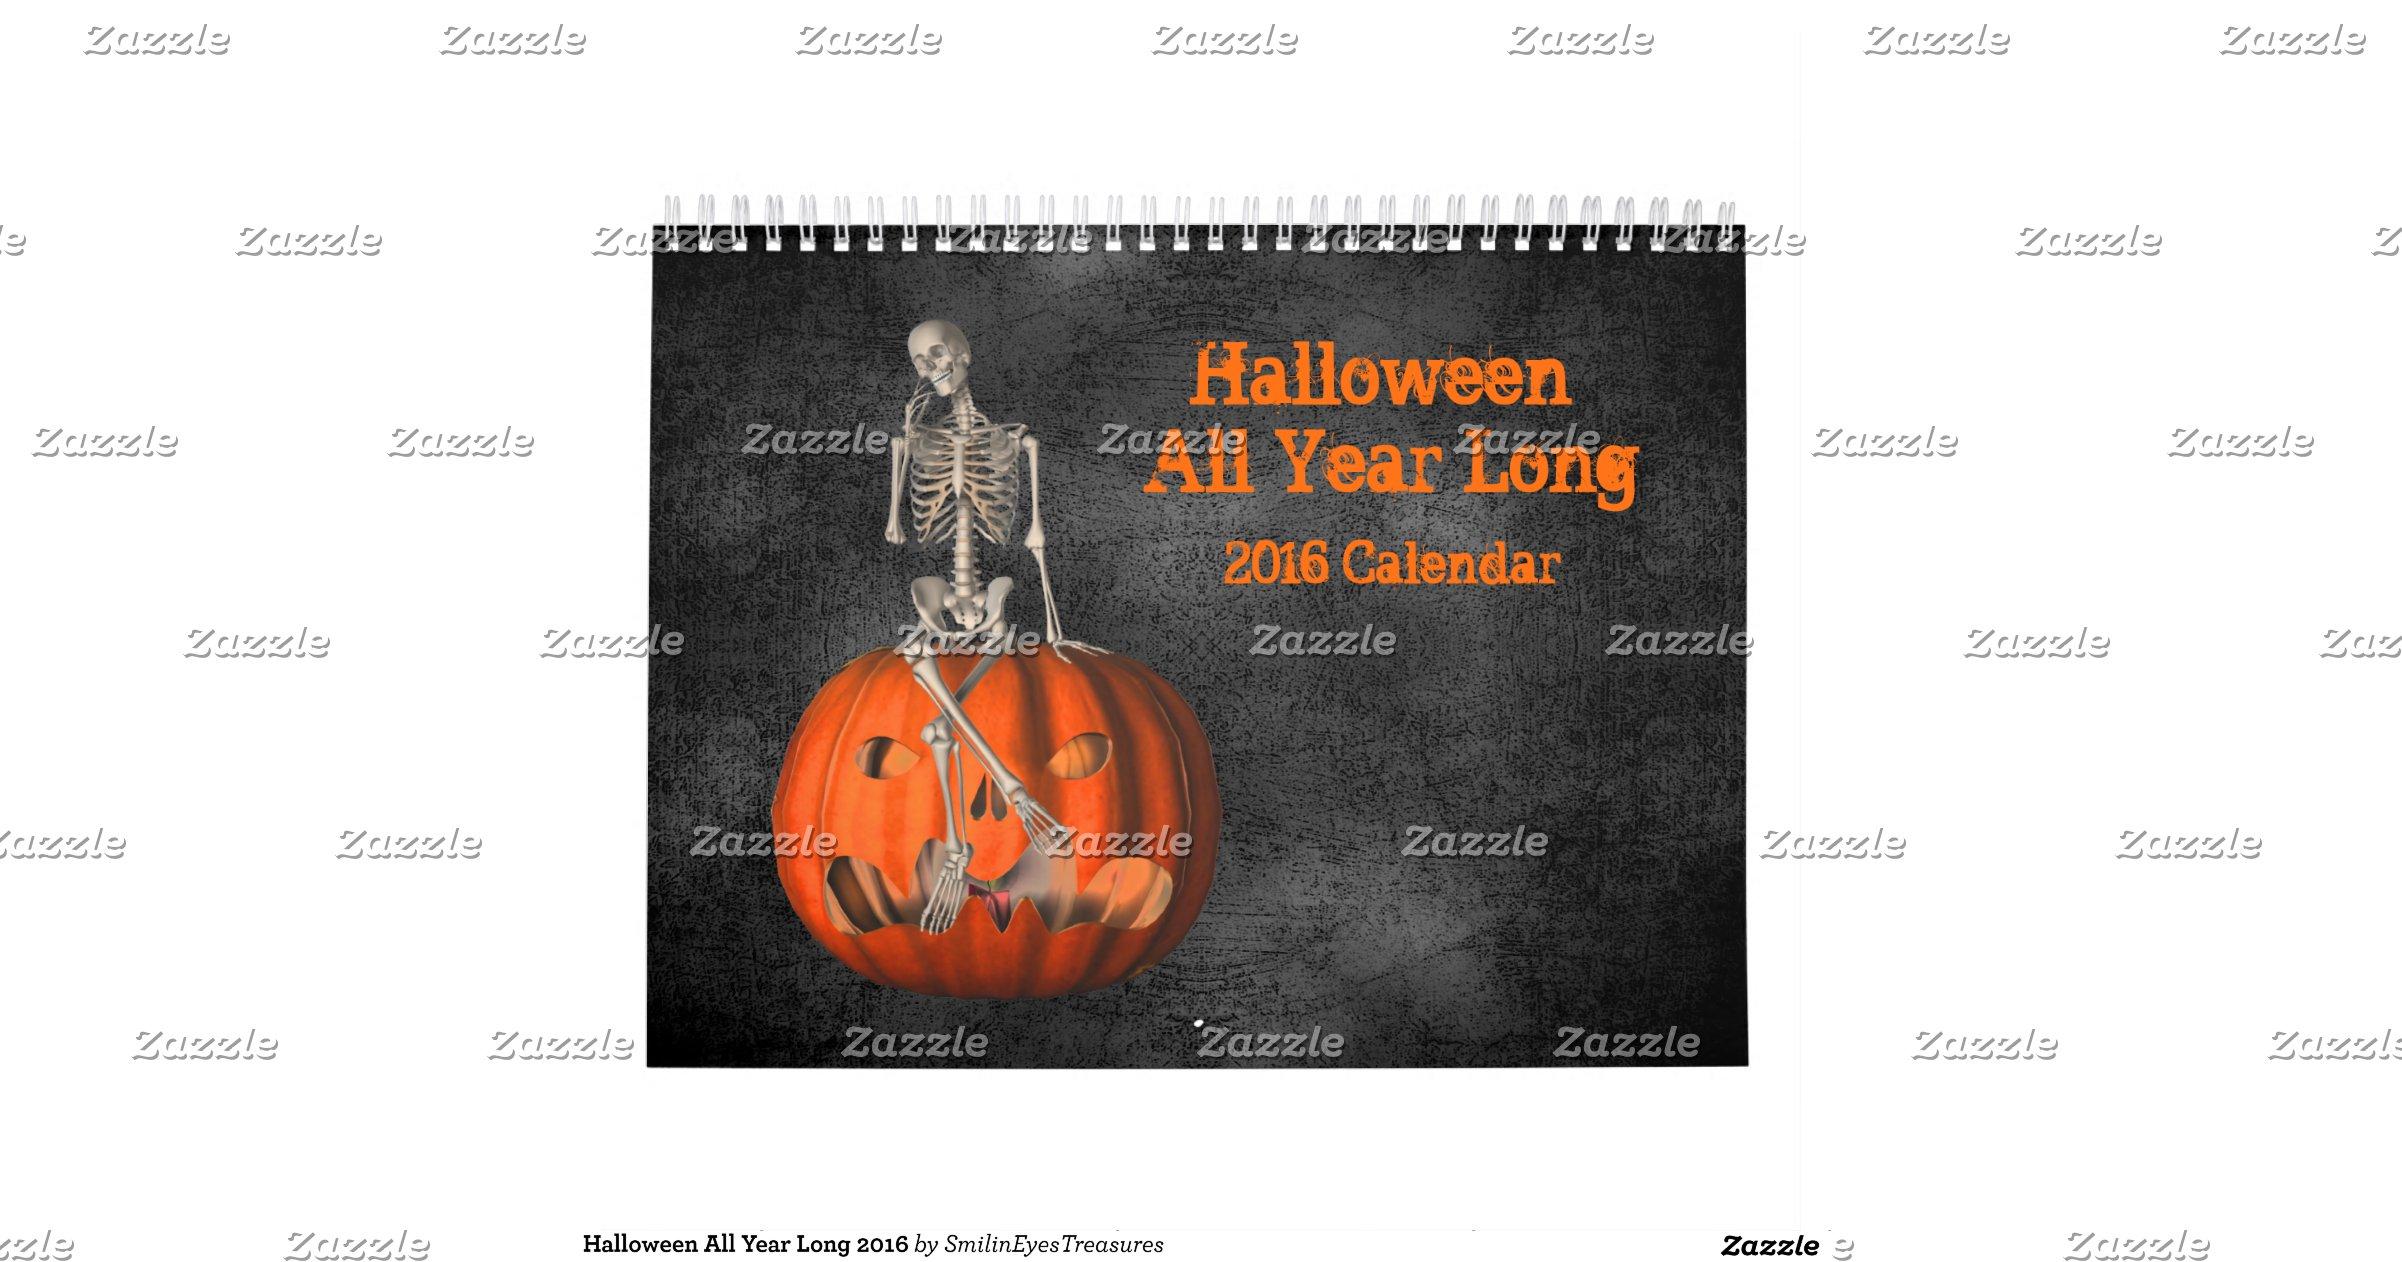 halloween_all_year_long_2016_calendar - 2016 Halloween Calendar